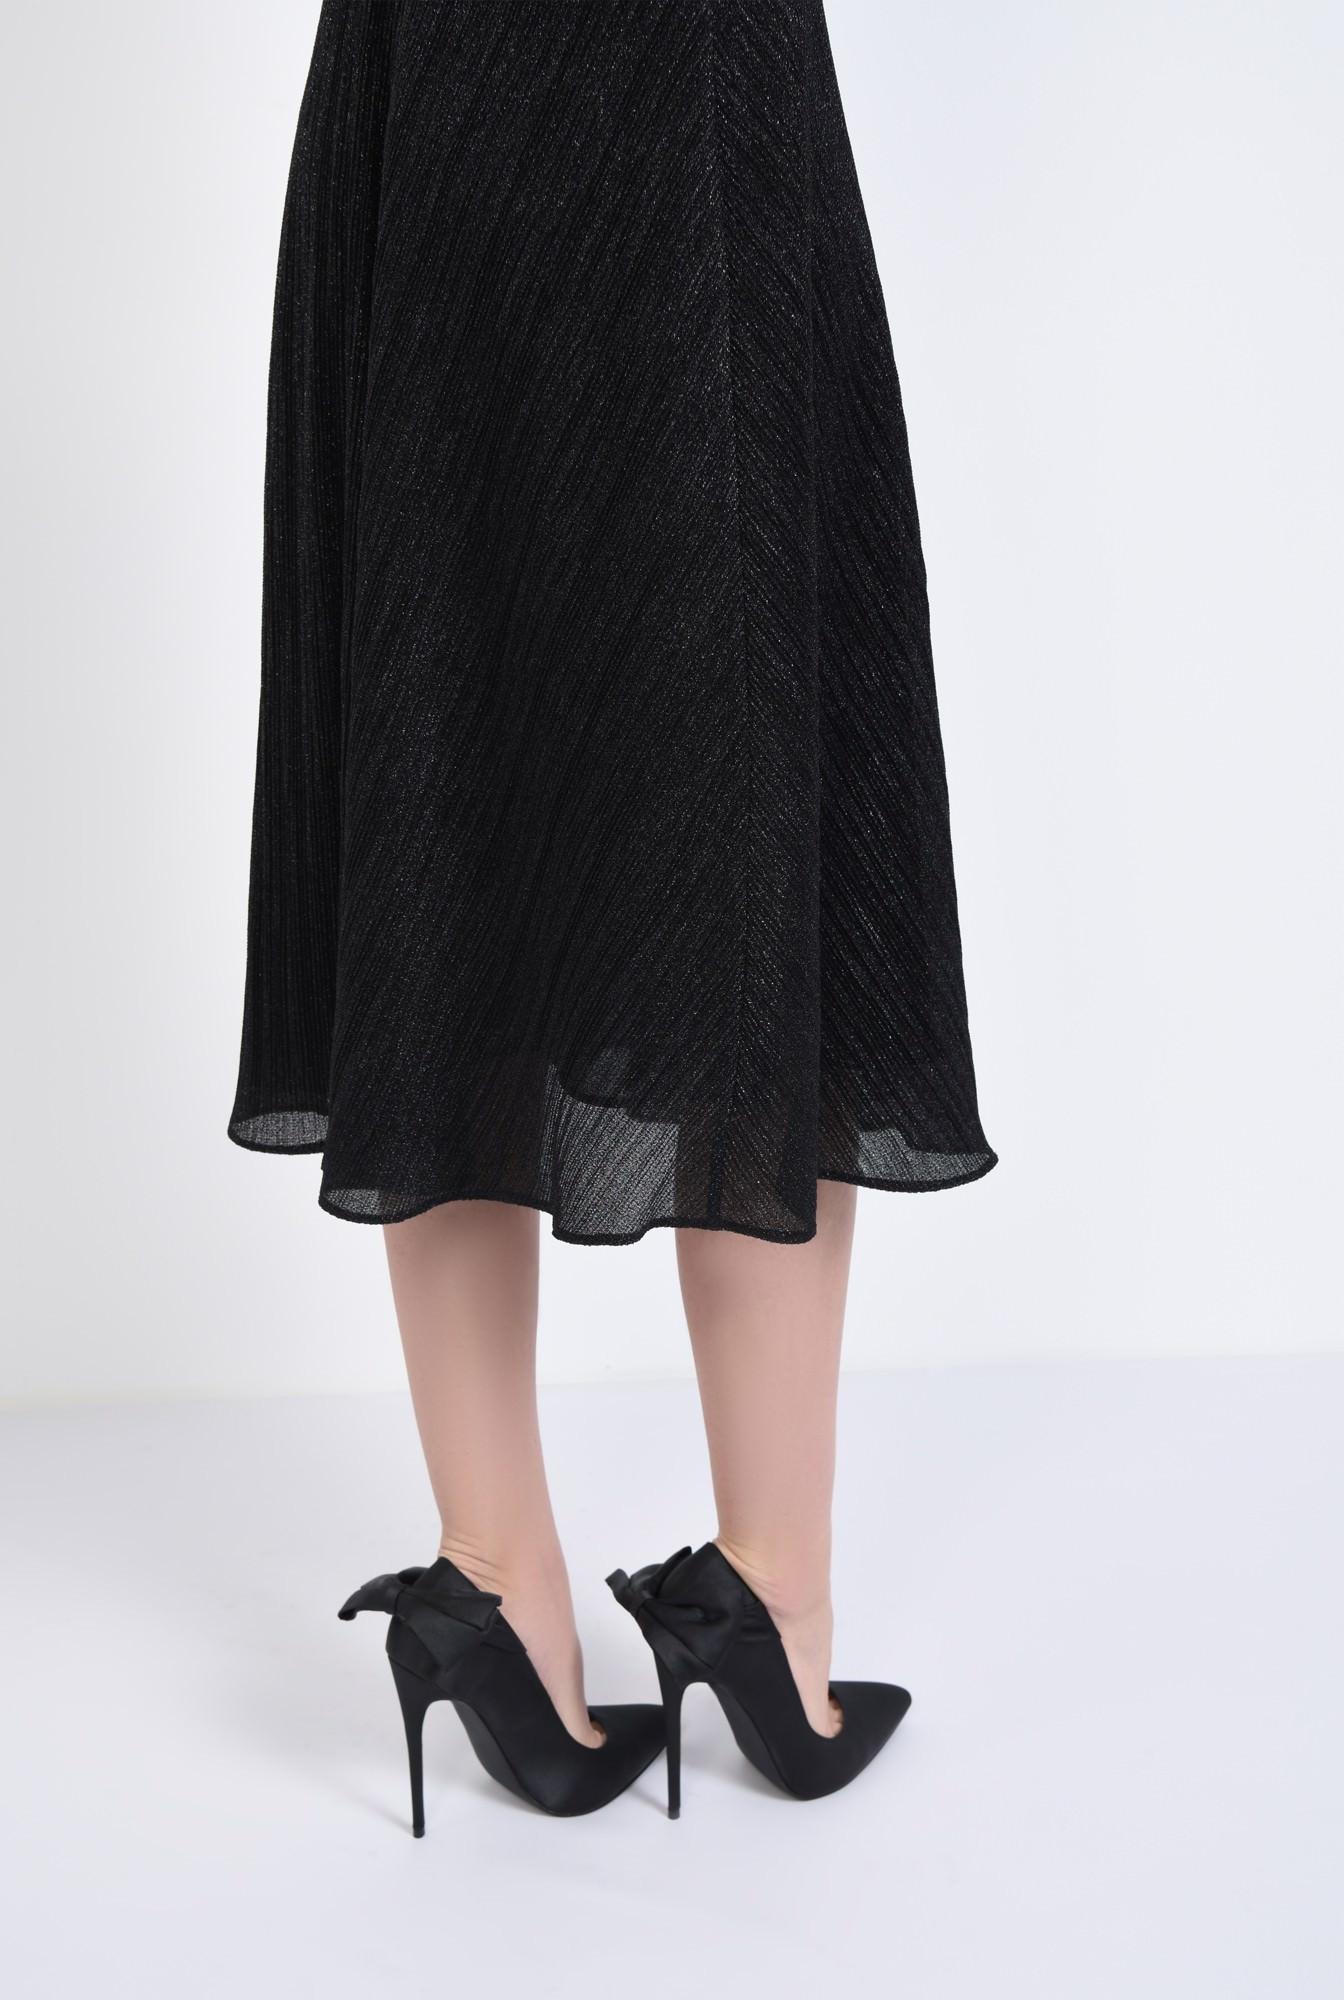 4 - pantofi eleganti, negru, satin, stiletto